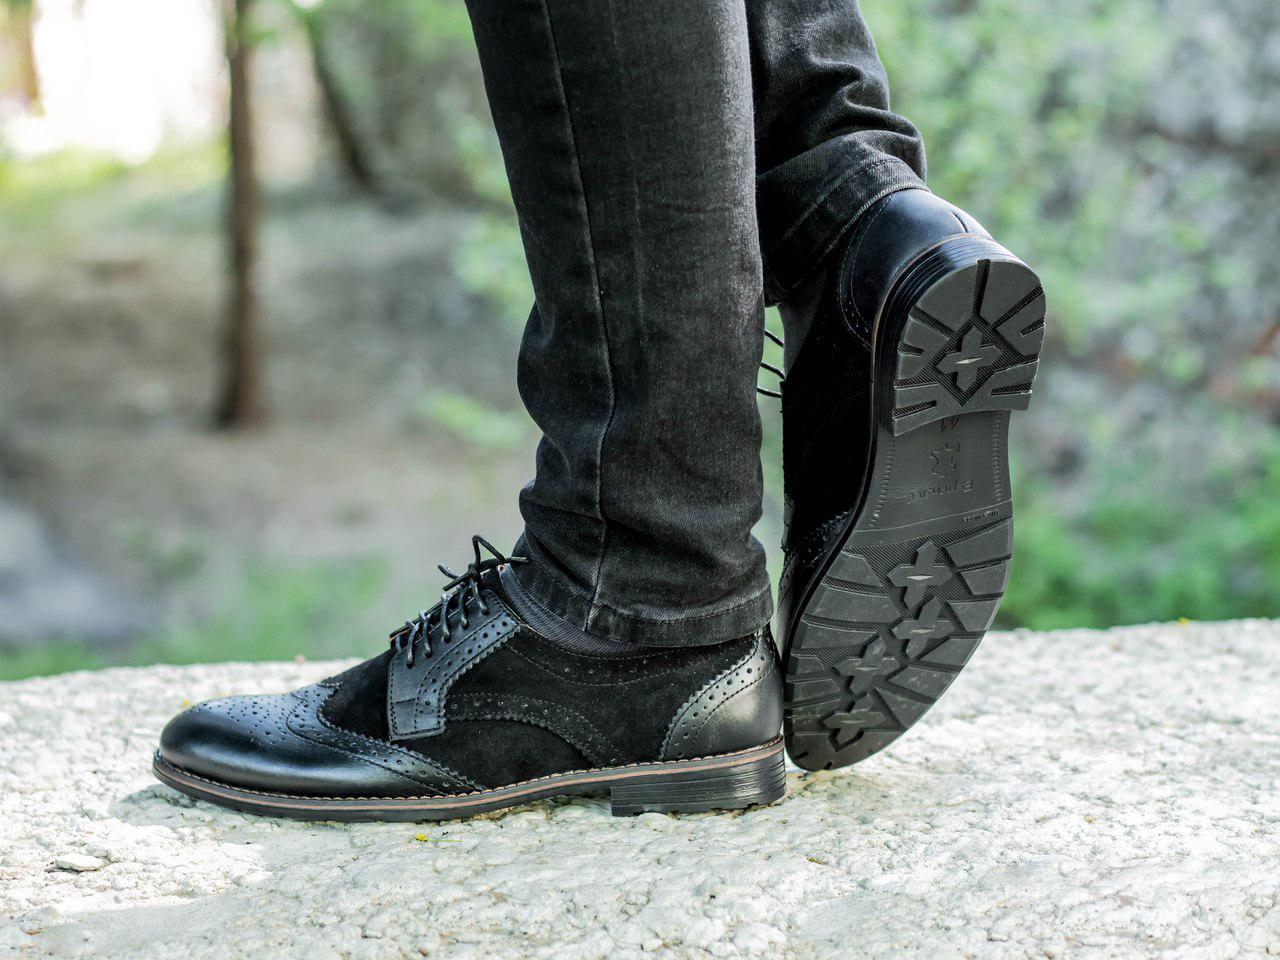 Туфлі броги чоловічі чорні шкіра та замша (Onyx) від бренду Legessy розмір 40, 41, 42, 43, 44, 45